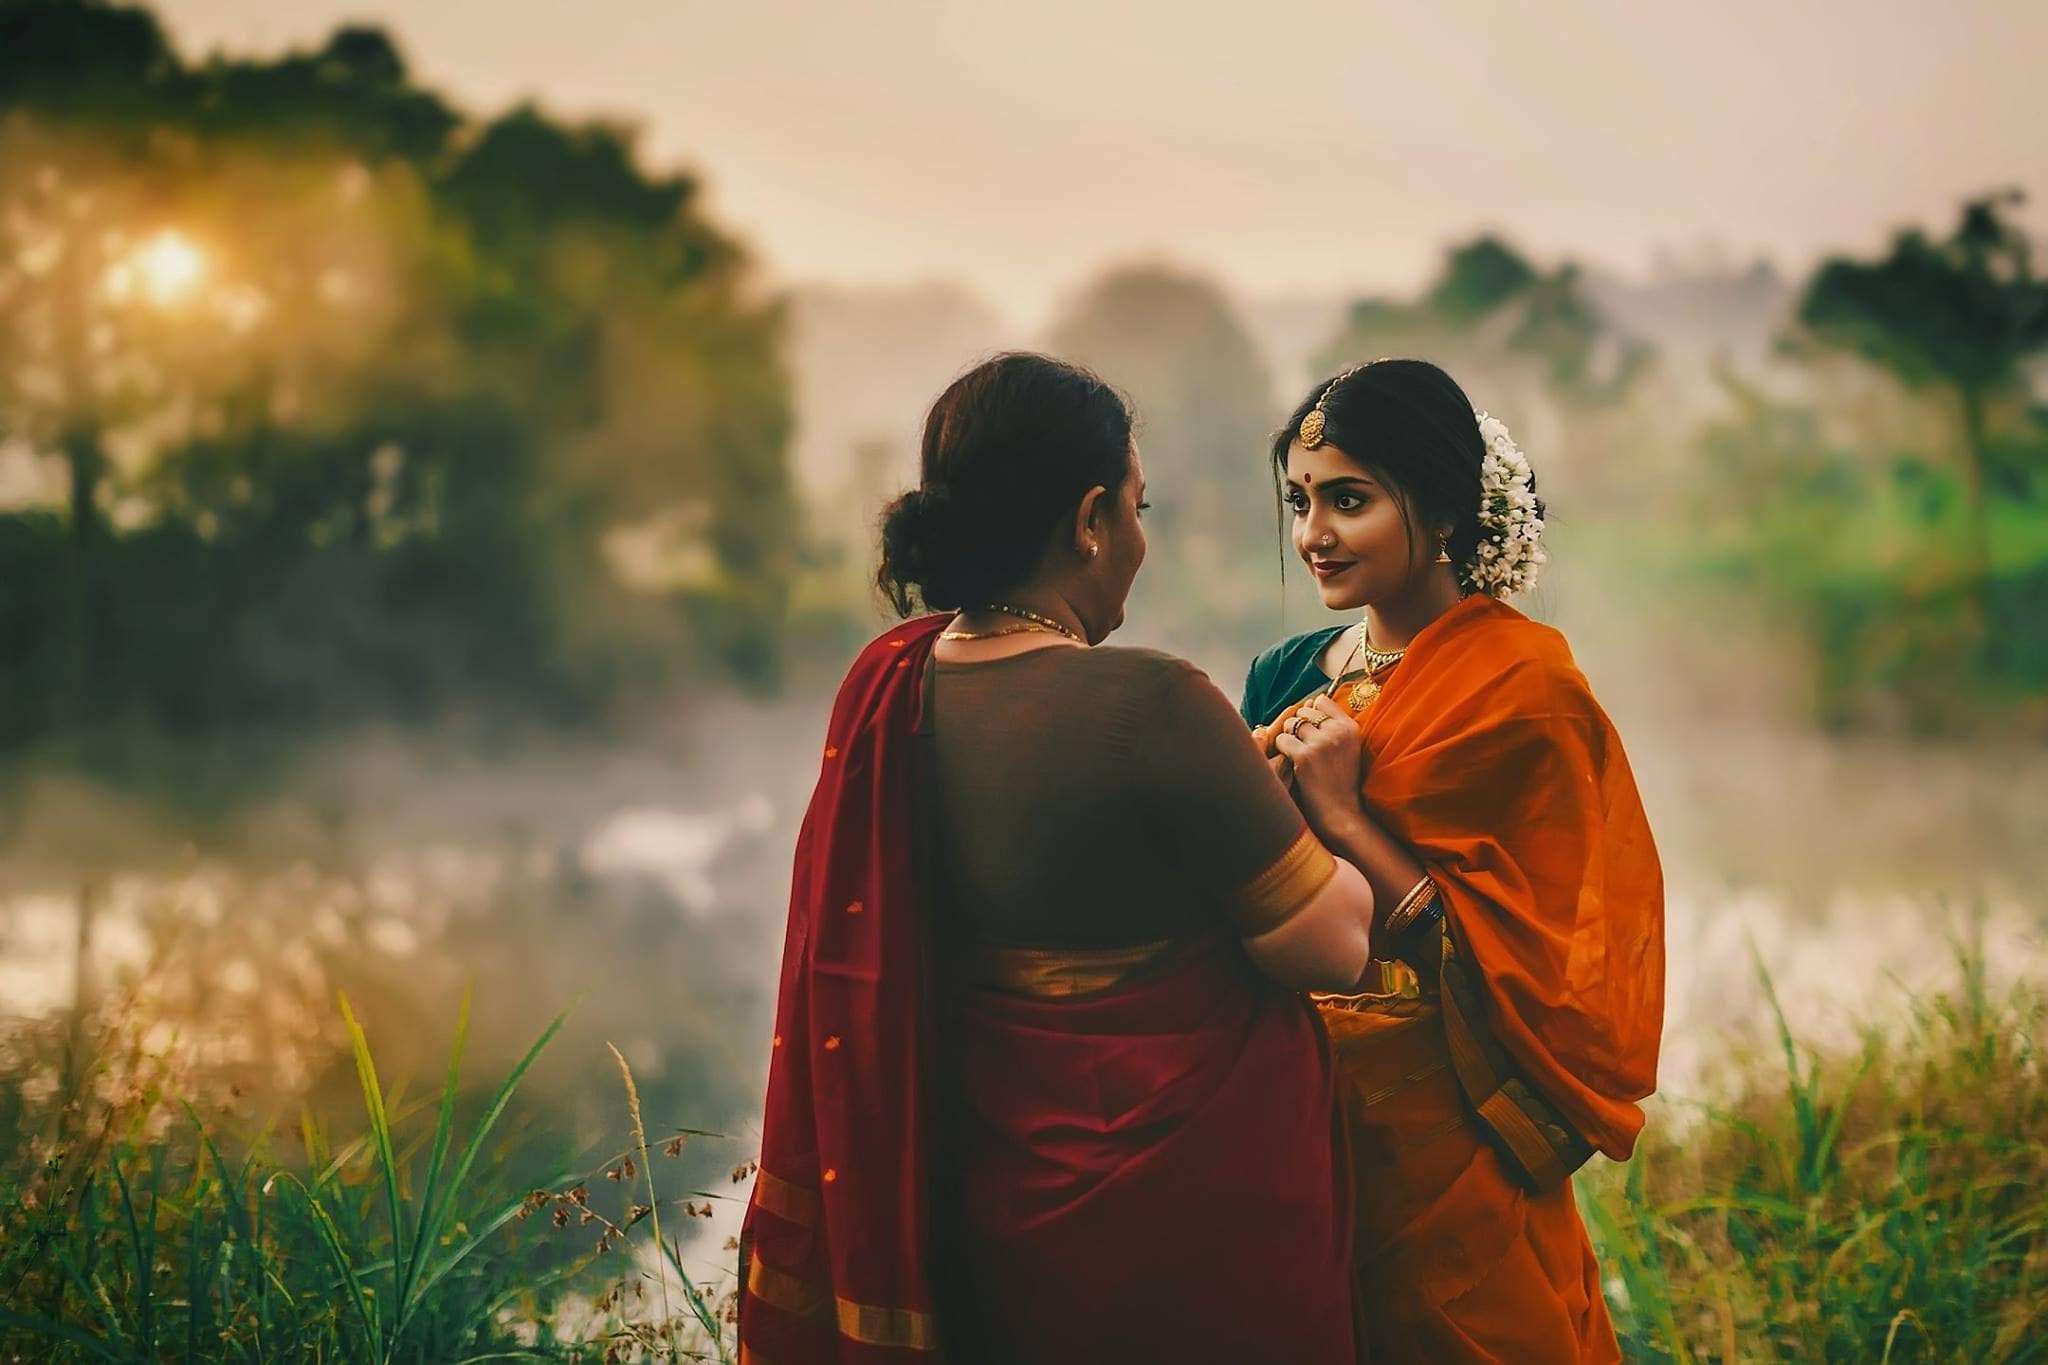 An-Award-winning-photo-story-Avani-By-Arjun-Kamath-3